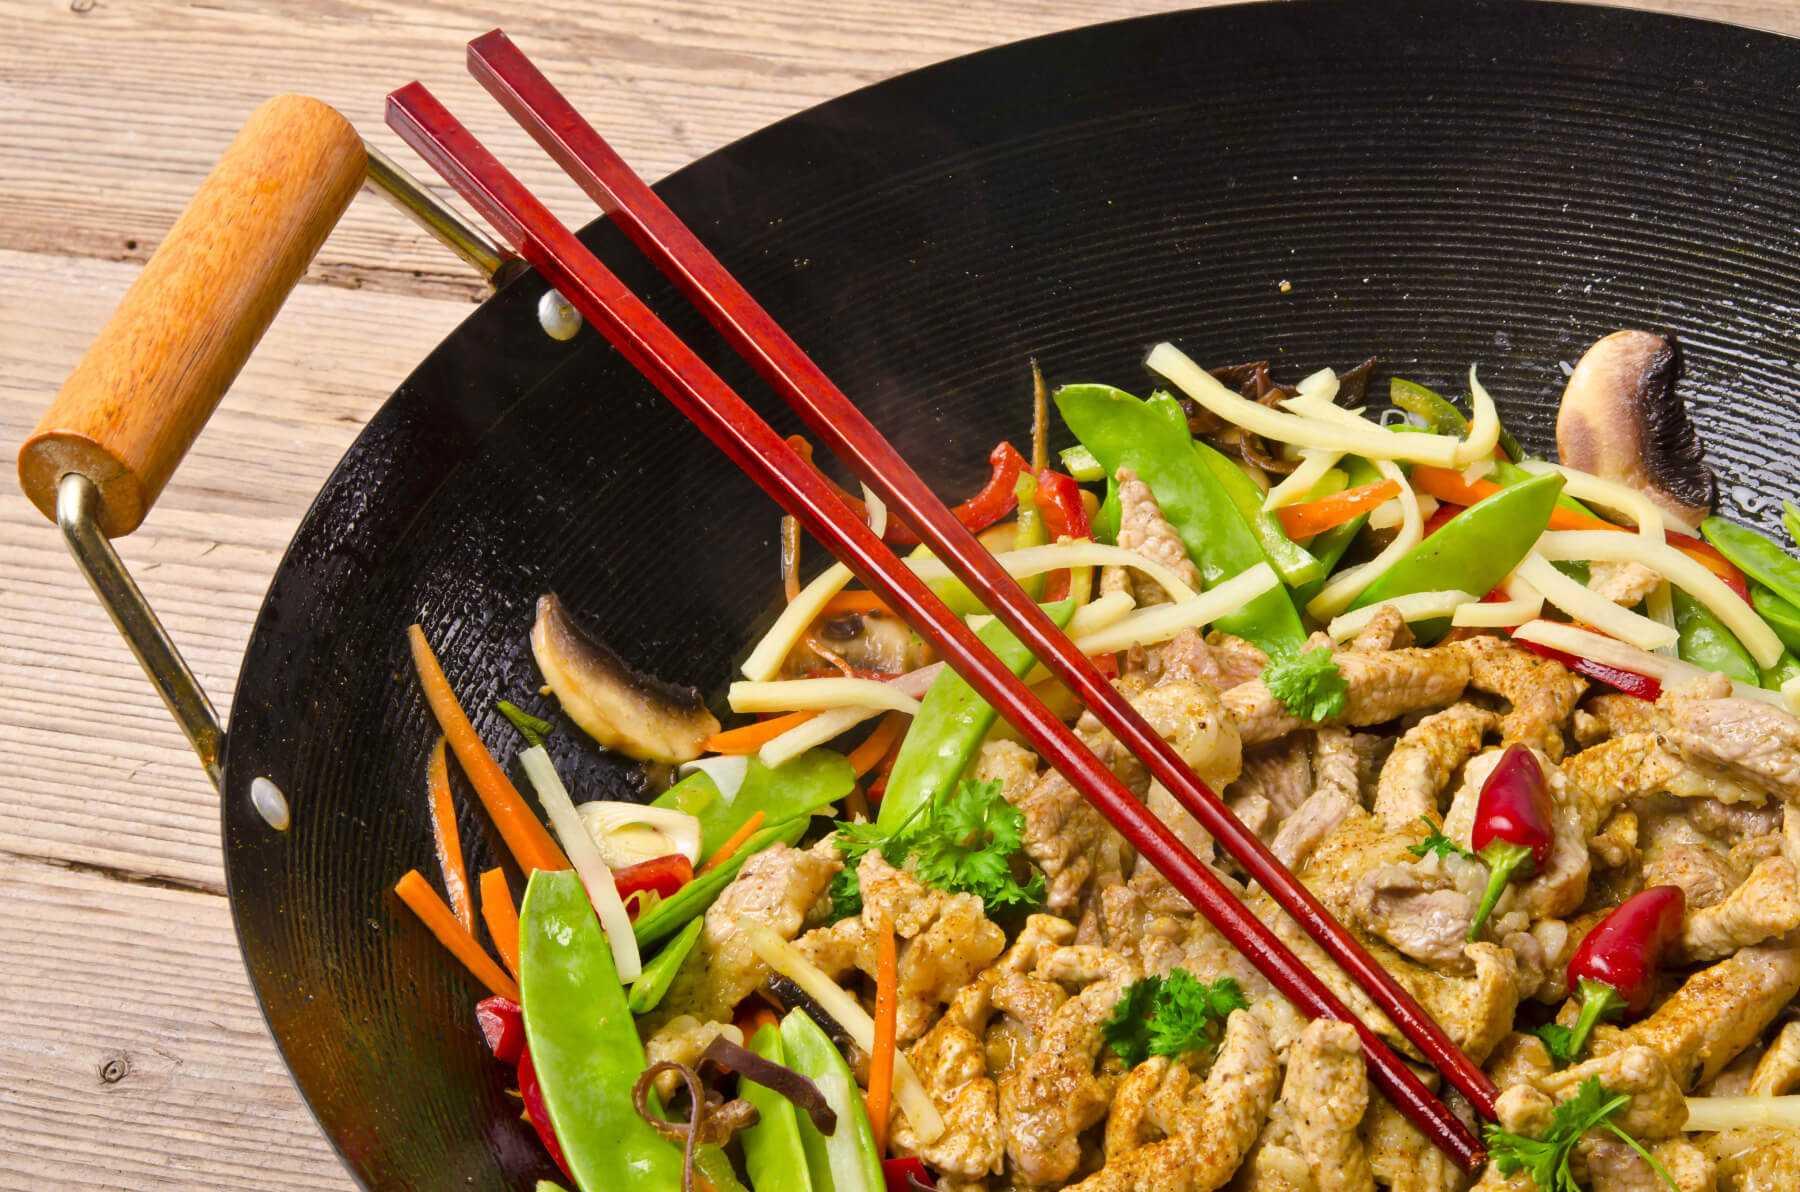 Китайские салаты - подборка лучших рецептов. как правильно и вкусно приготовить китайские салаты. - женский портал от а до я